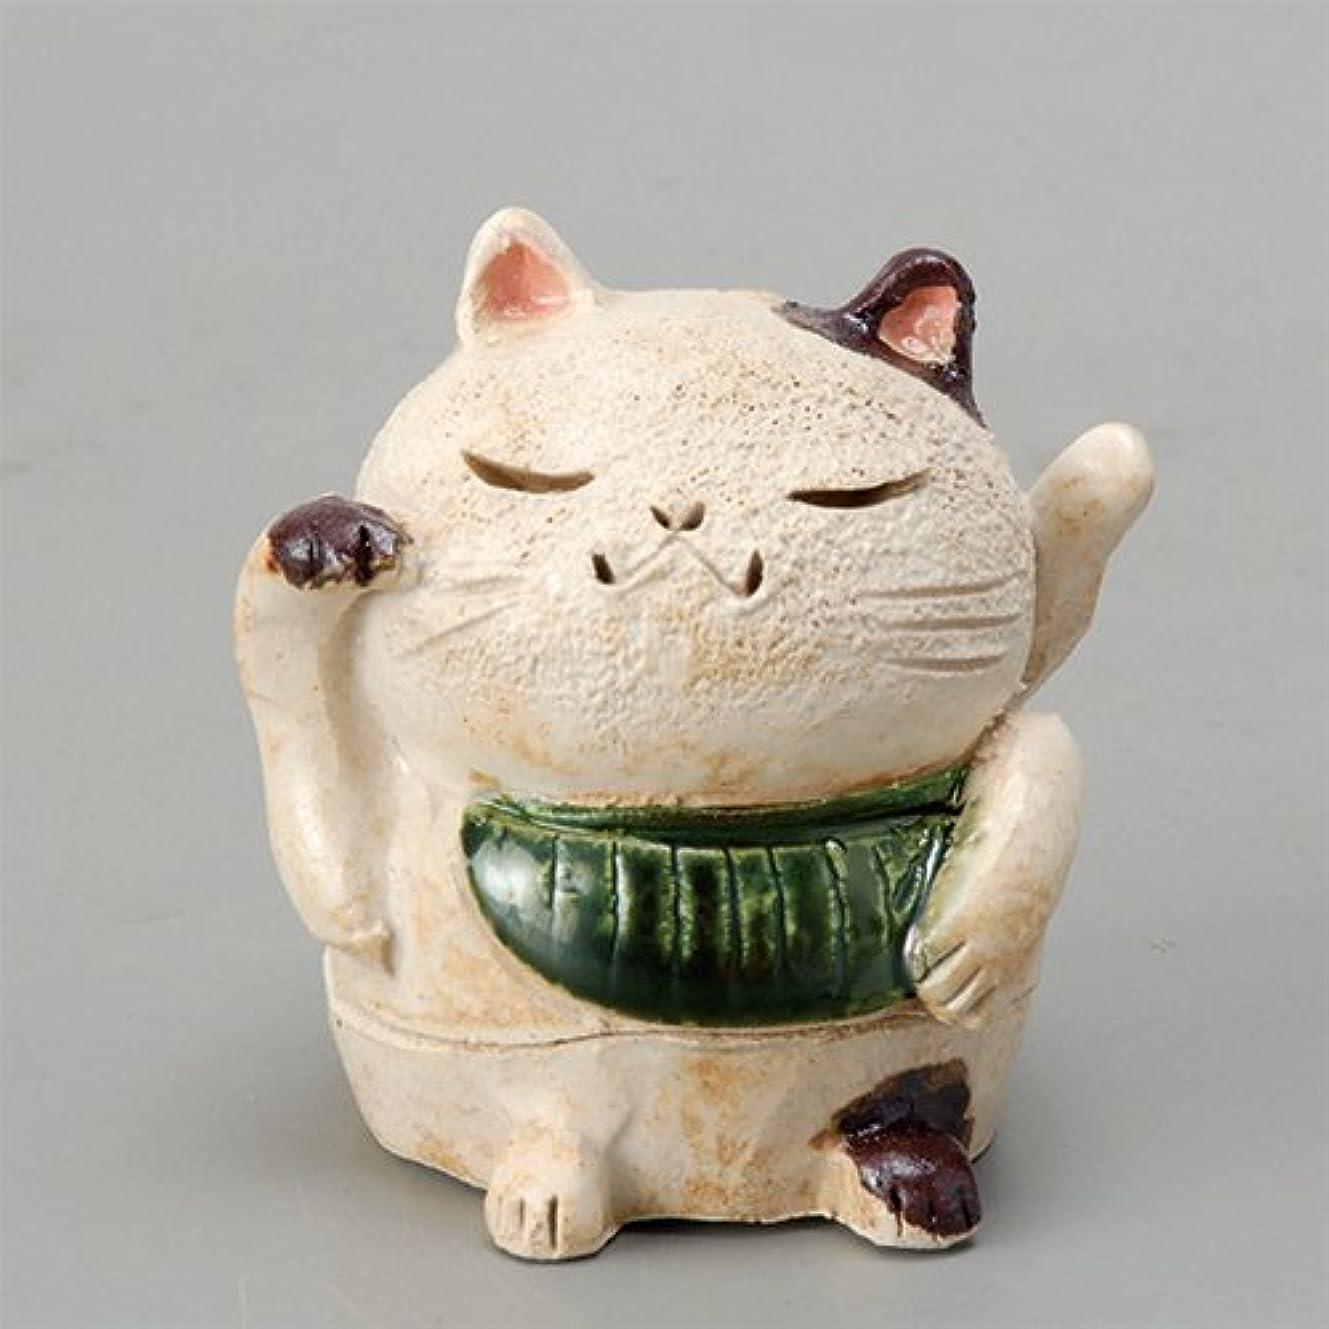 アクティビティ策定する嫉妬香炉 白萩 招き猫(お金)香炉(小) [H8cm] HANDMADE プレゼント ギフト 和食器 かわいい インテリア